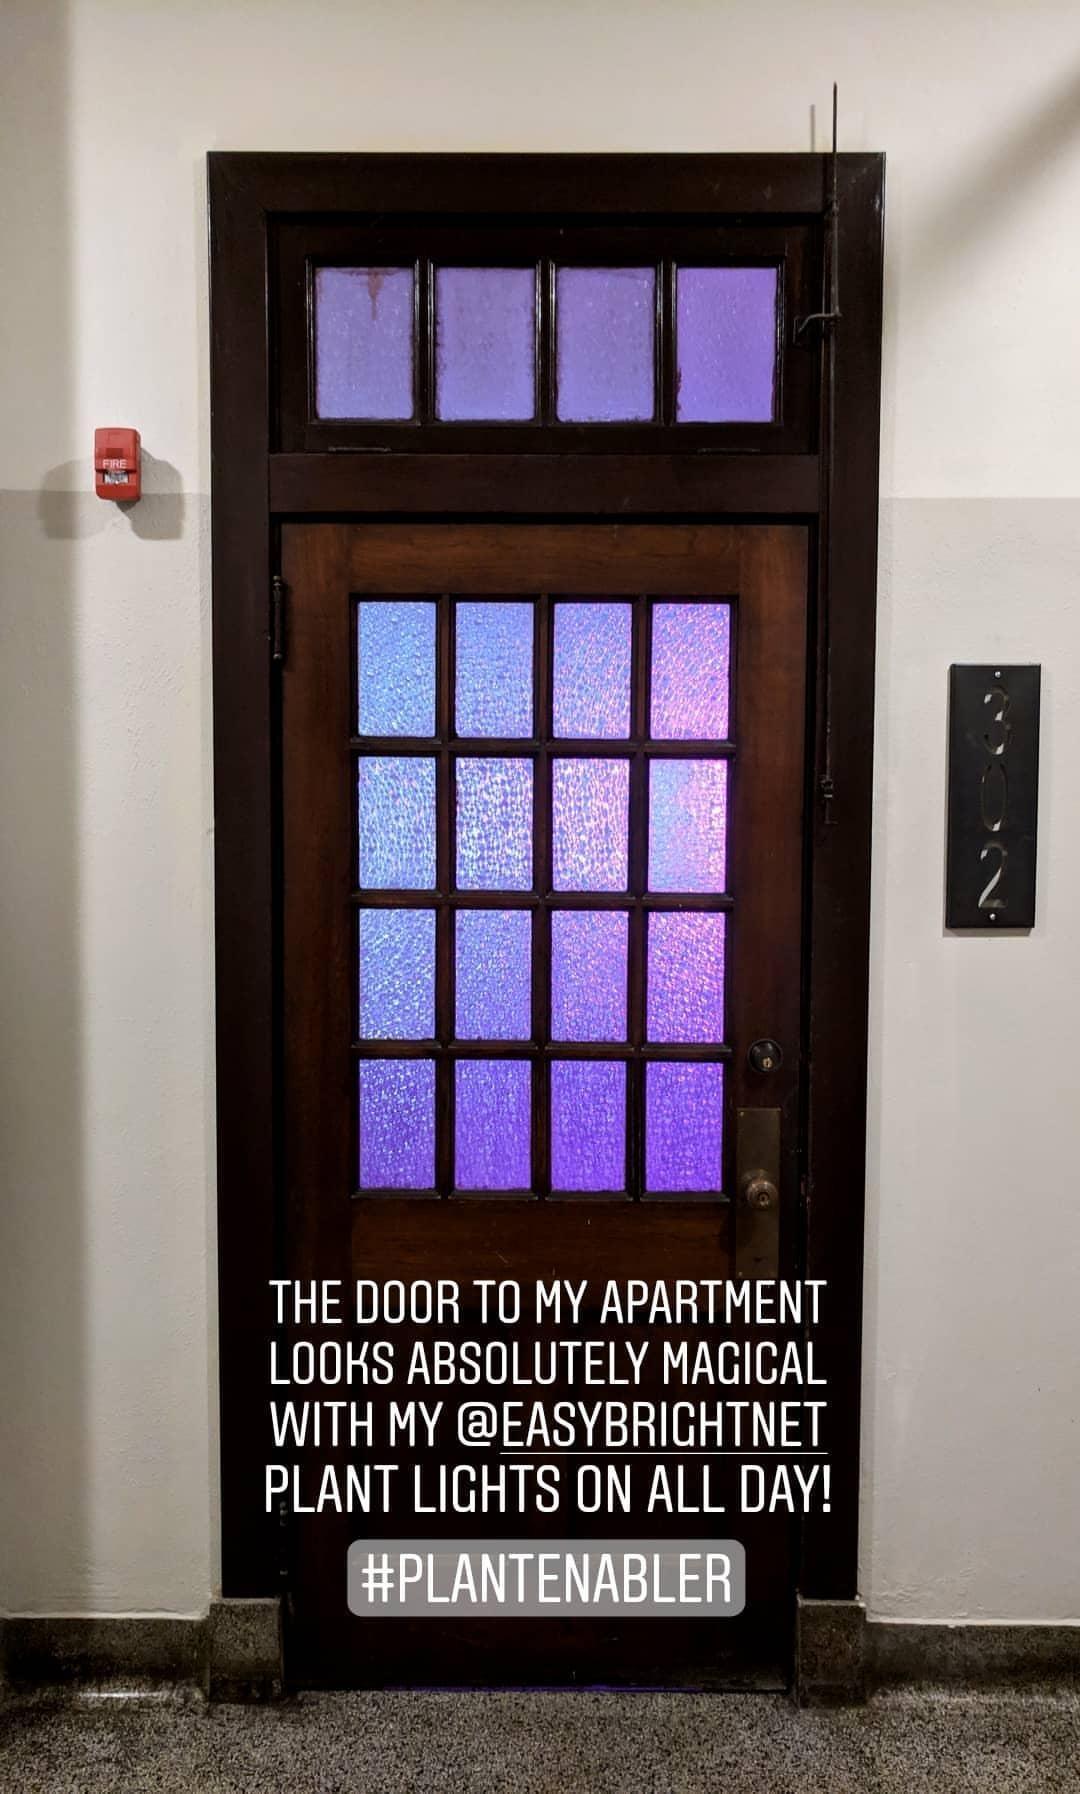 100W LED Grow Light Bulb - Full Spectrum Lamp for Indoor